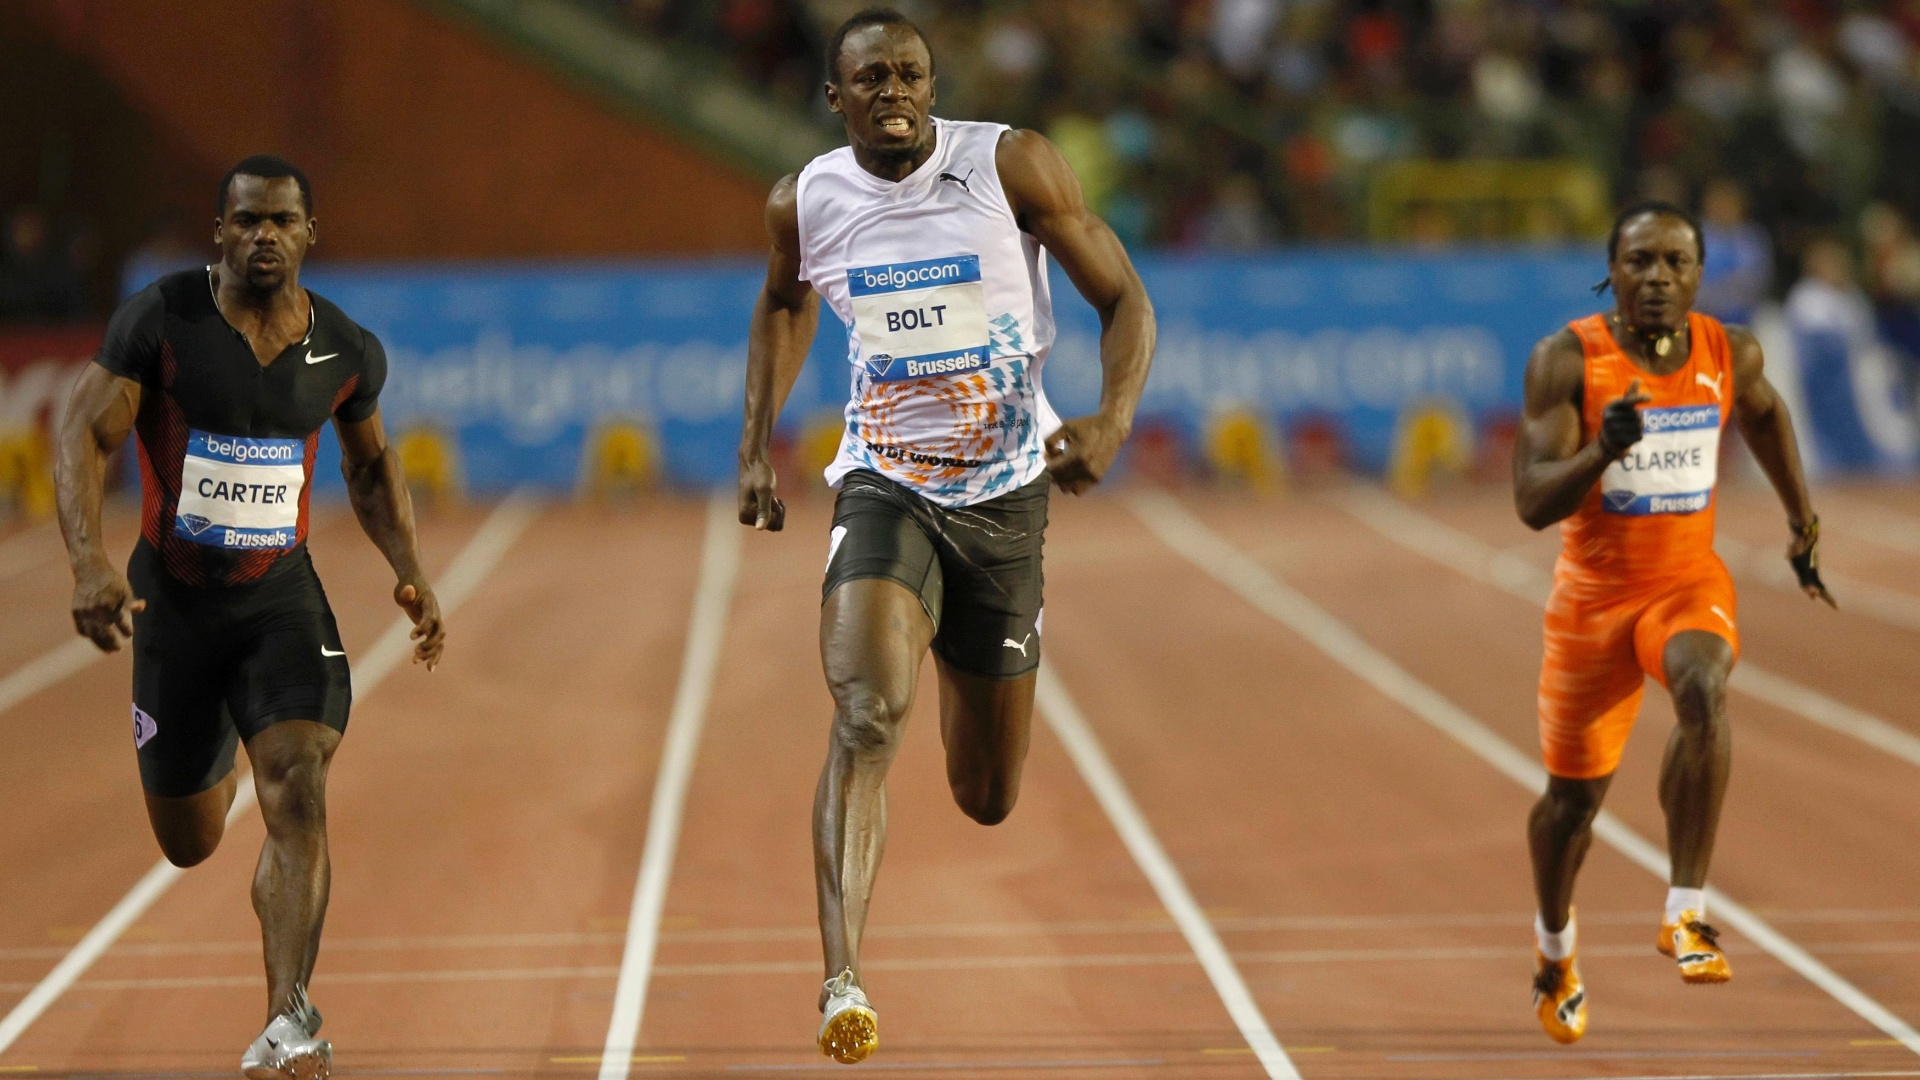 Usain Bolt (c) vence a etapa de Bruxelas da Liga de Diamante; Nesta Carter (e) foi o segundo, e Lerone Clarke (d) foi o terceiro (16/09/2011)